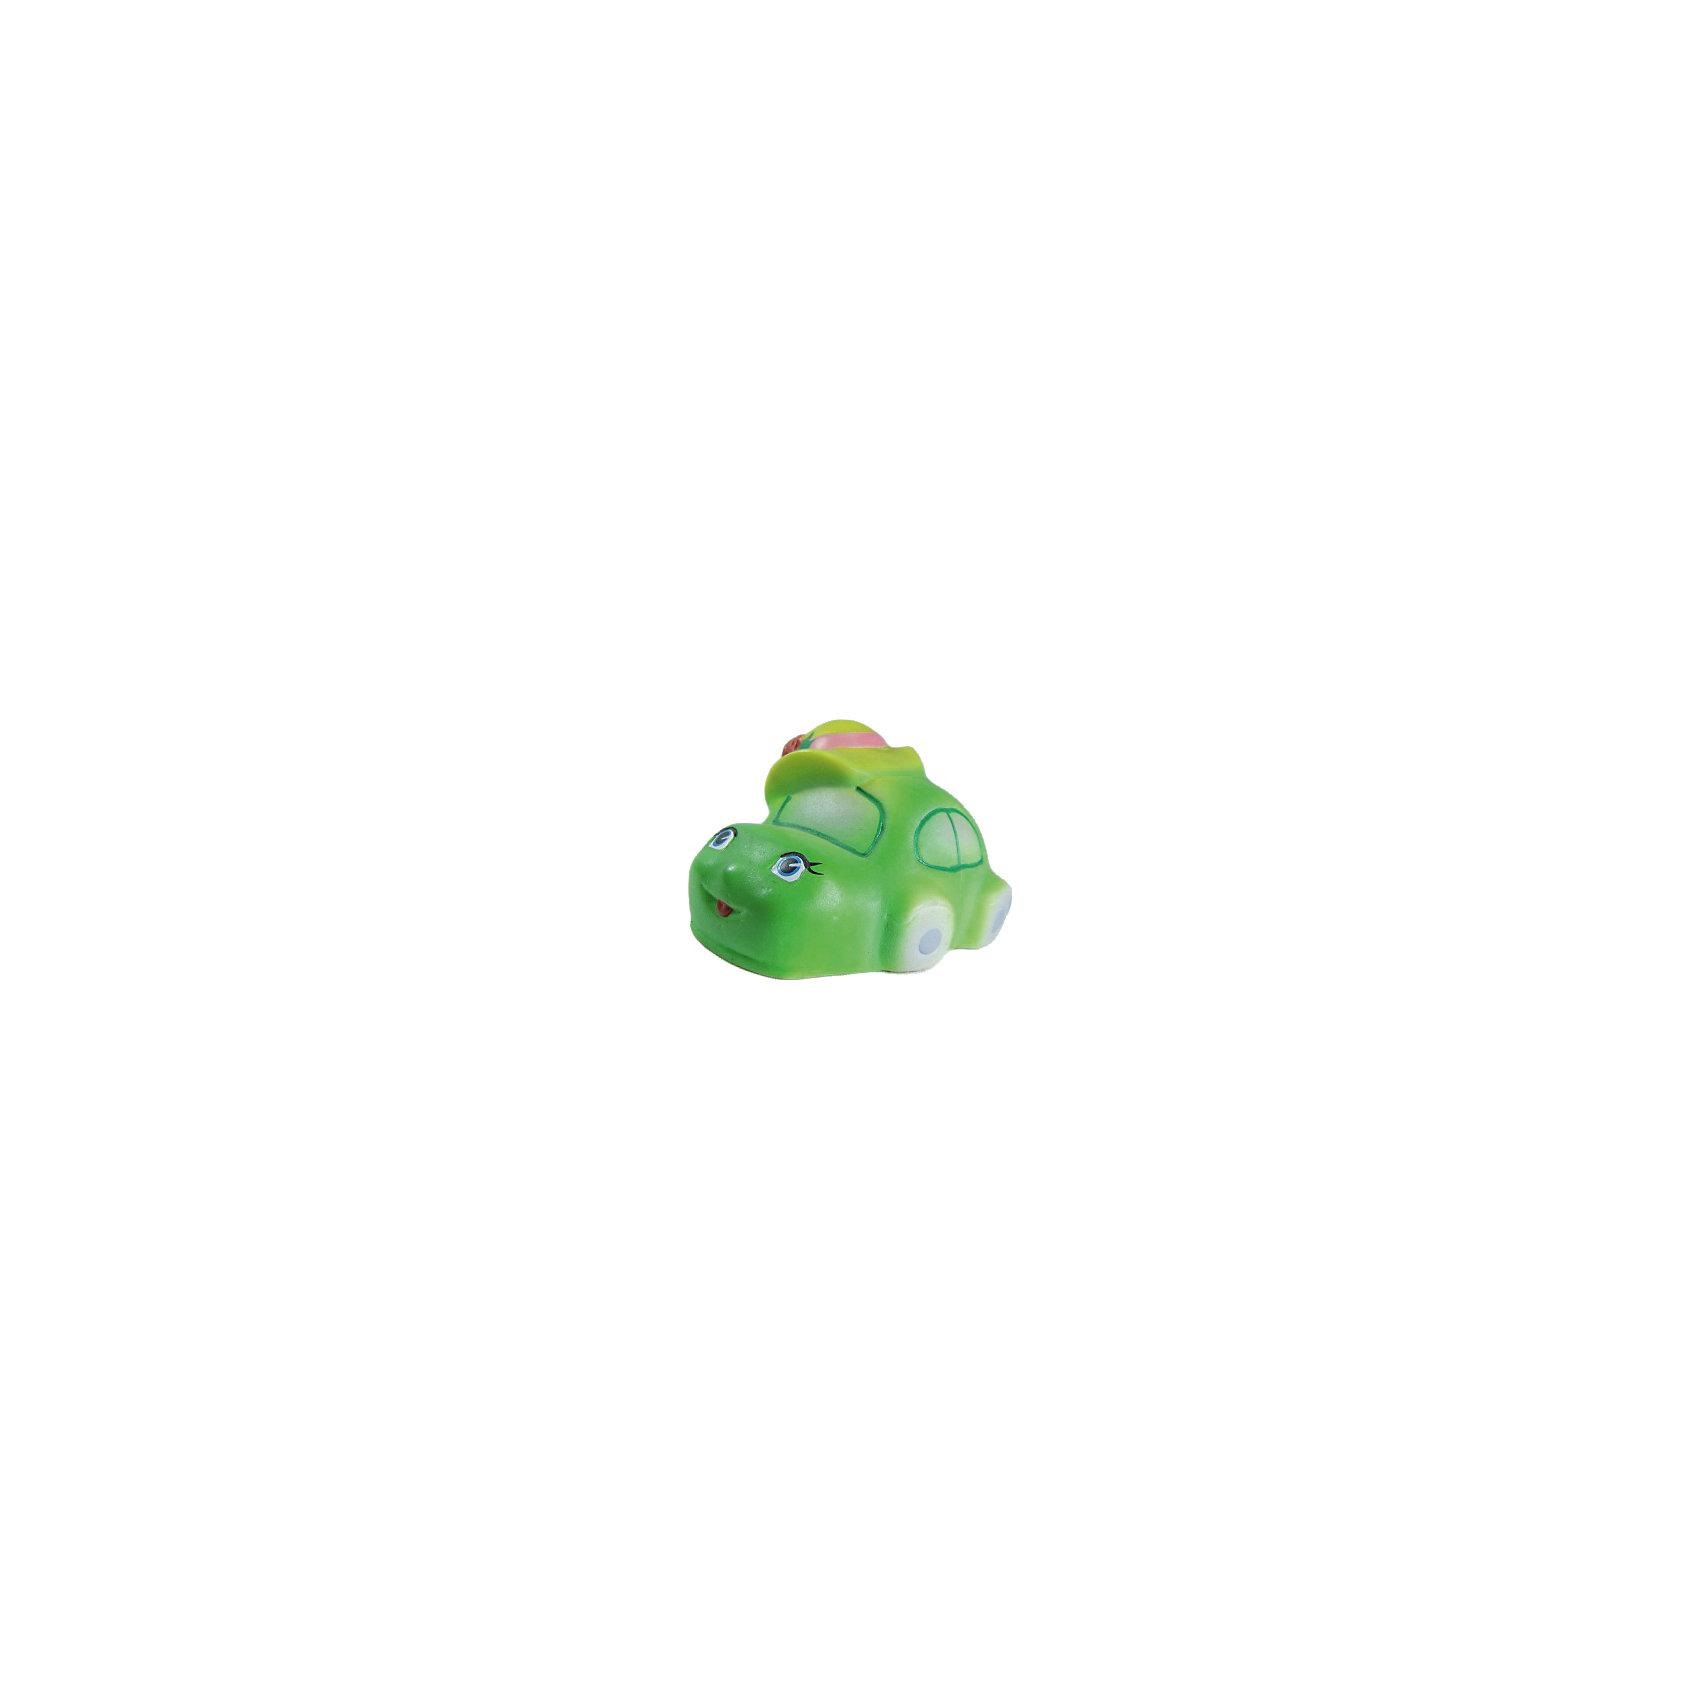 Машинка Шурочка, КудесникиИгрушки ПВХ<br>Машинка Шурочка, Кудесники<br><br>Характеристики:<br><br>• Материал: ПВХ.<br>• Размер: 6,5 см.<br>• Вес: 80г.<br> <br>Отличная игрушка из мягкого ПВХ надолго займет внимания вашего малыша. Эта игрушка поможет малышу при прорезывании зубов, поможет развивать моторику рук, знакомить с формой, цветом, образами. Также с ней можно забавно поиграть в ванной. Яркий образ поможет ребенку придумывать различные сюжетно-ролевые игры.<br><br>Машинку Шурочка, Кудесники, можно купить в нашем интернет – магазине.<br><br>Ширина мм: 80<br>Глубина мм: 50<br>Высота мм: 65<br>Вес г: 80<br>Возраст от месяцев: 12<br>Возраст до месяцев: 36<br>Пол: Мужской<br>Возраст: Детский<br>SKU: 4896470